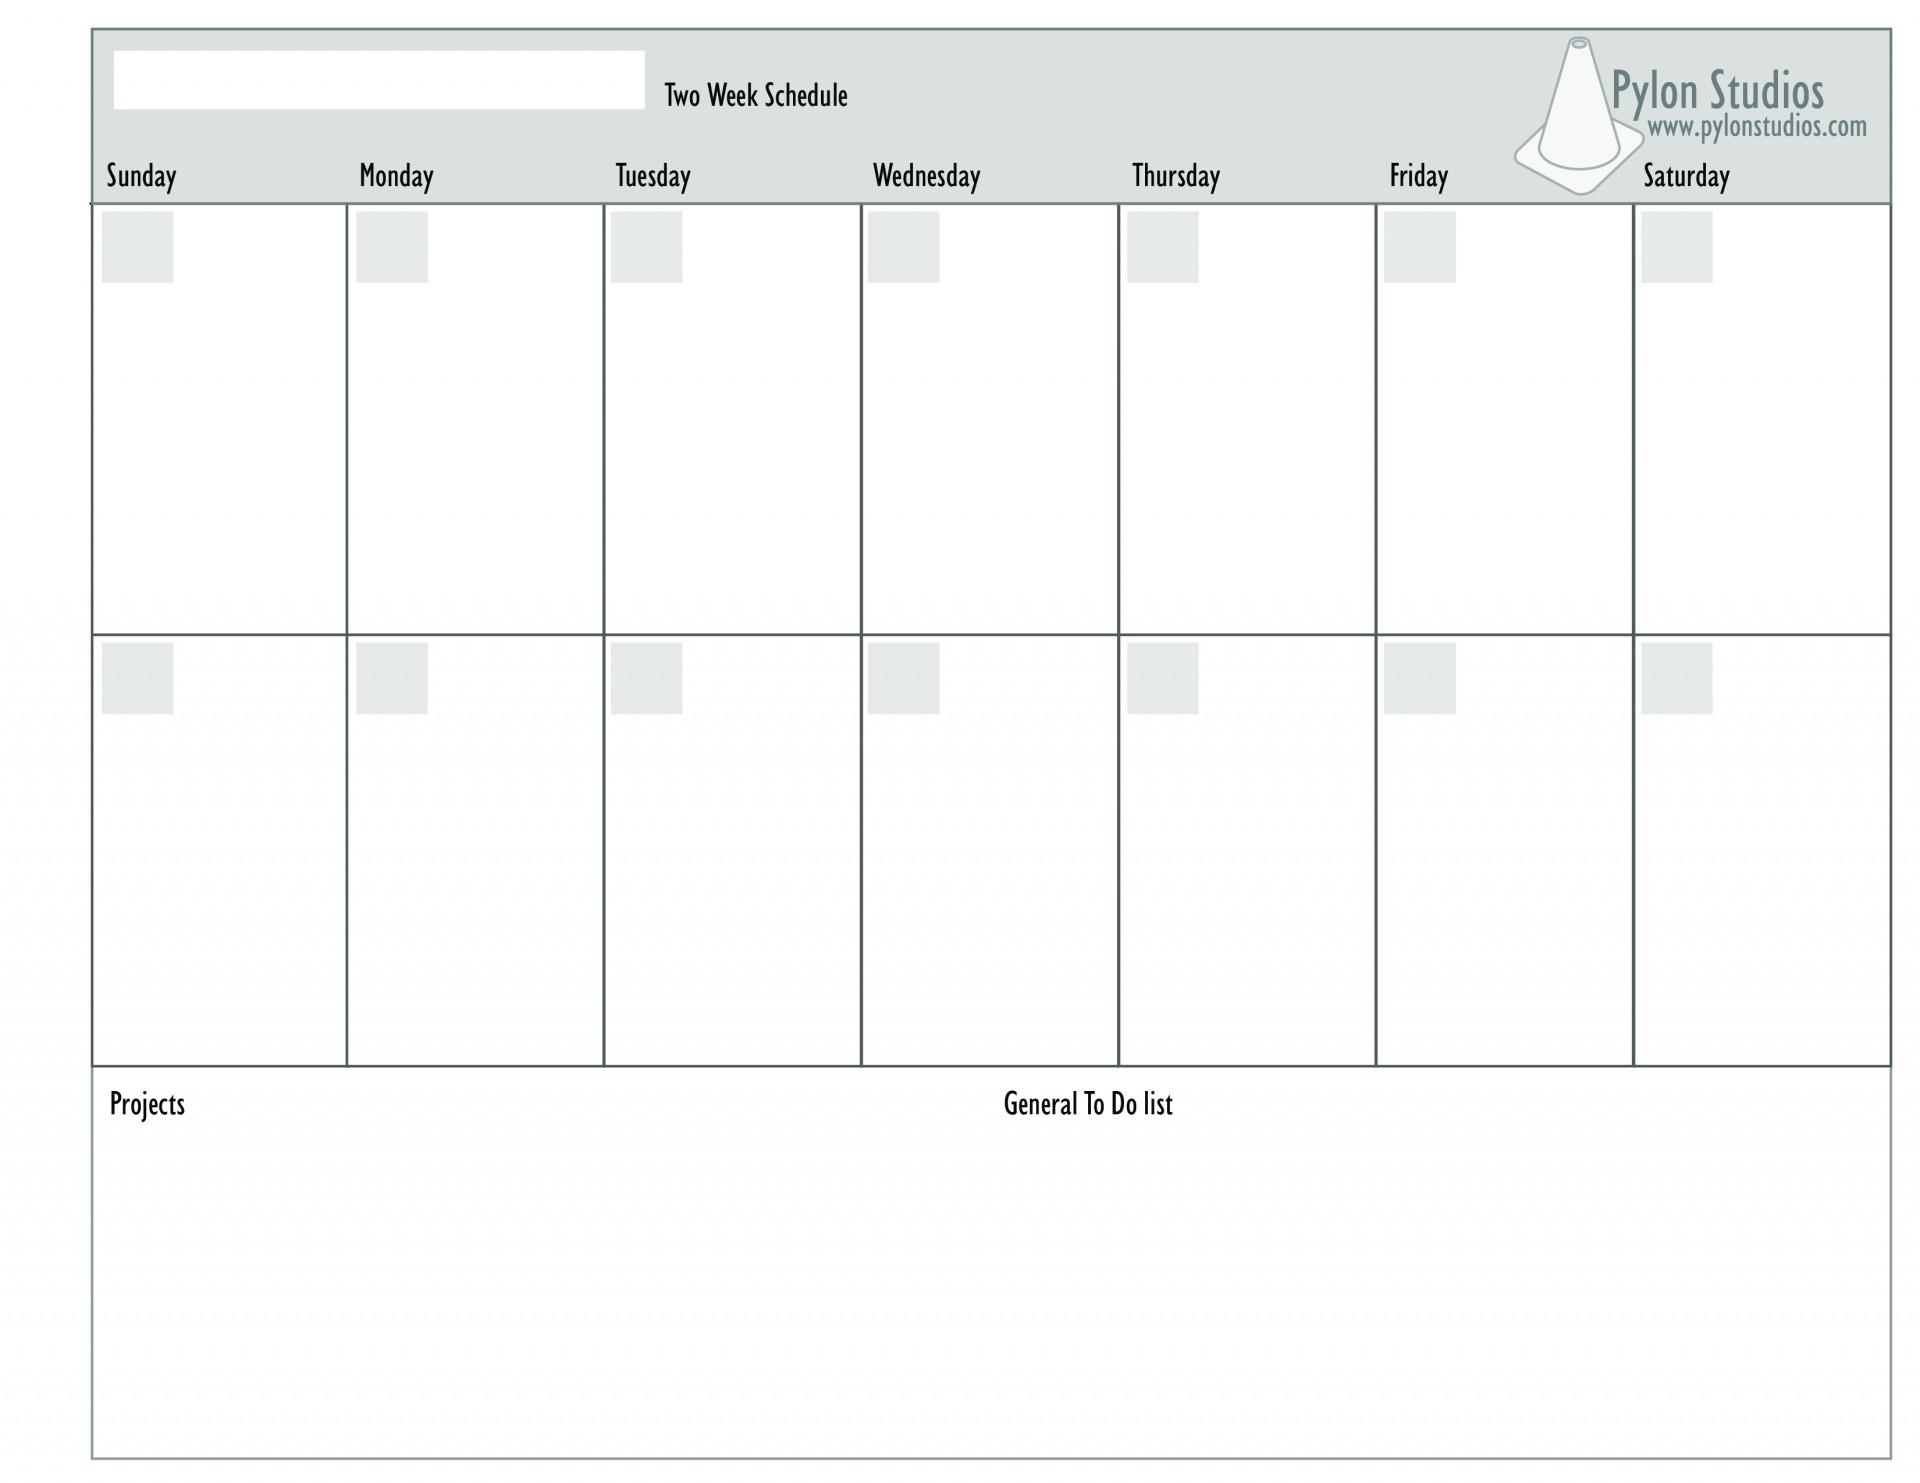 041 Week Printable Calendar Weekly Planner Template Of Two